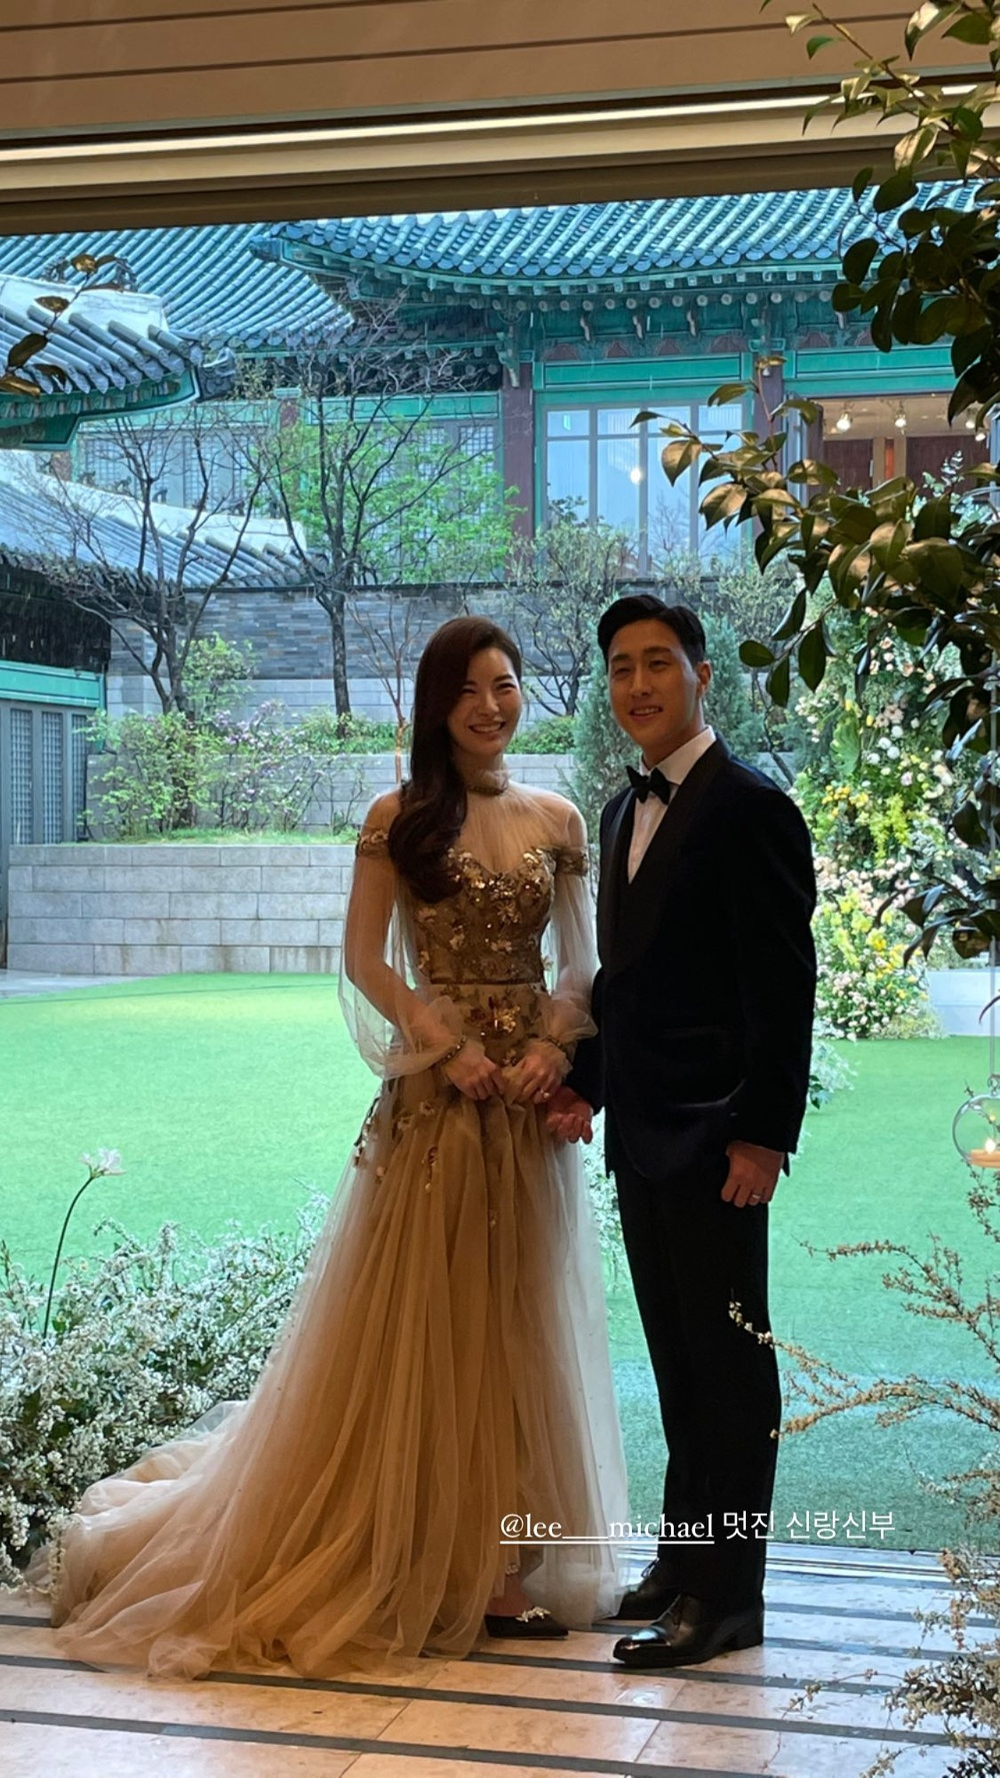 Song Joong Ki - Lee Kwang Soo đội mưa đự đám cưới, địa điểm là nơi kết hôn với Song Hye Kyo! Ảnh 2